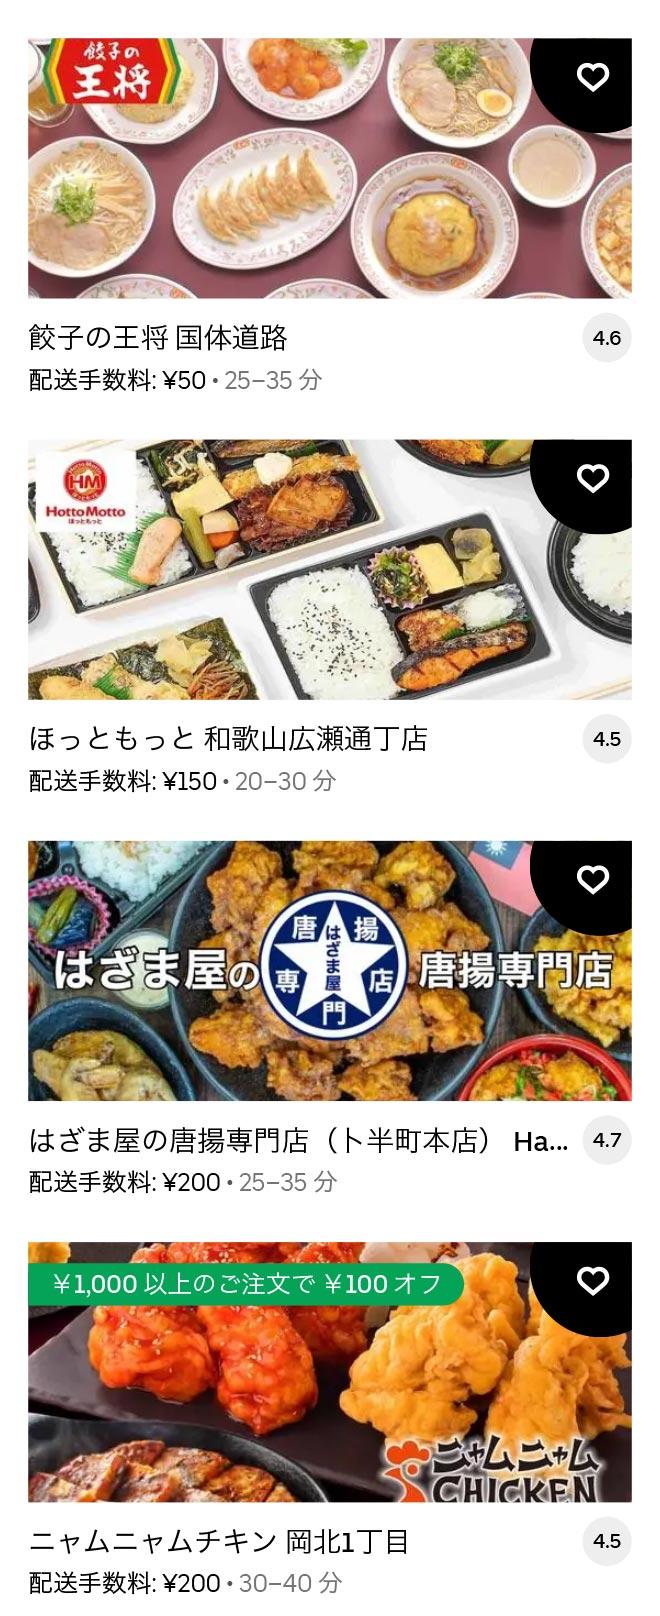 U miyamae menu 2104 02